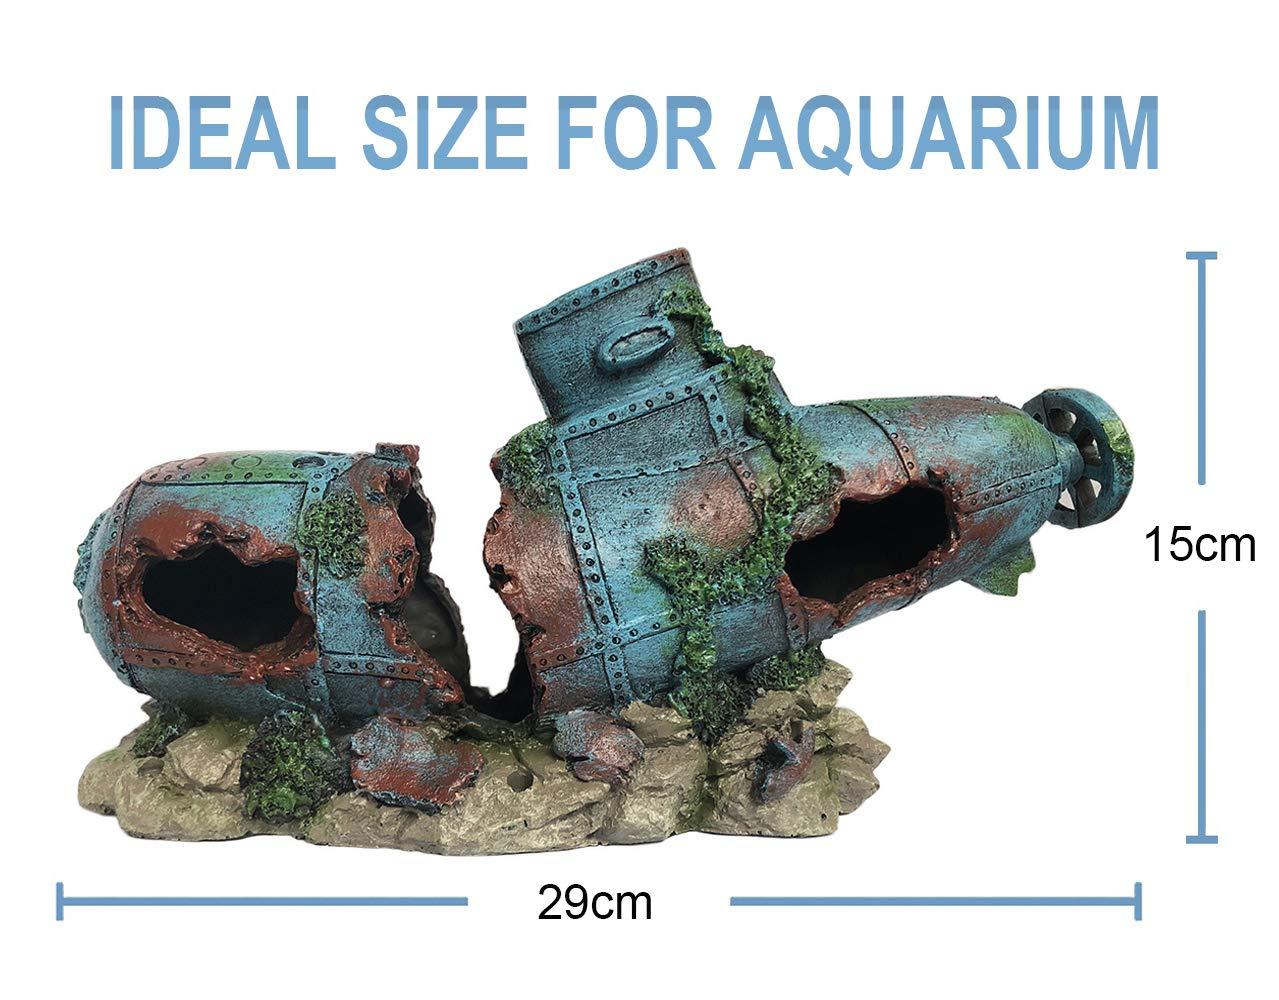 SLOME - Adornos para Acuario (Material de Resina), diseño de Barco hundido: Amazon.es: Productos para mascotas